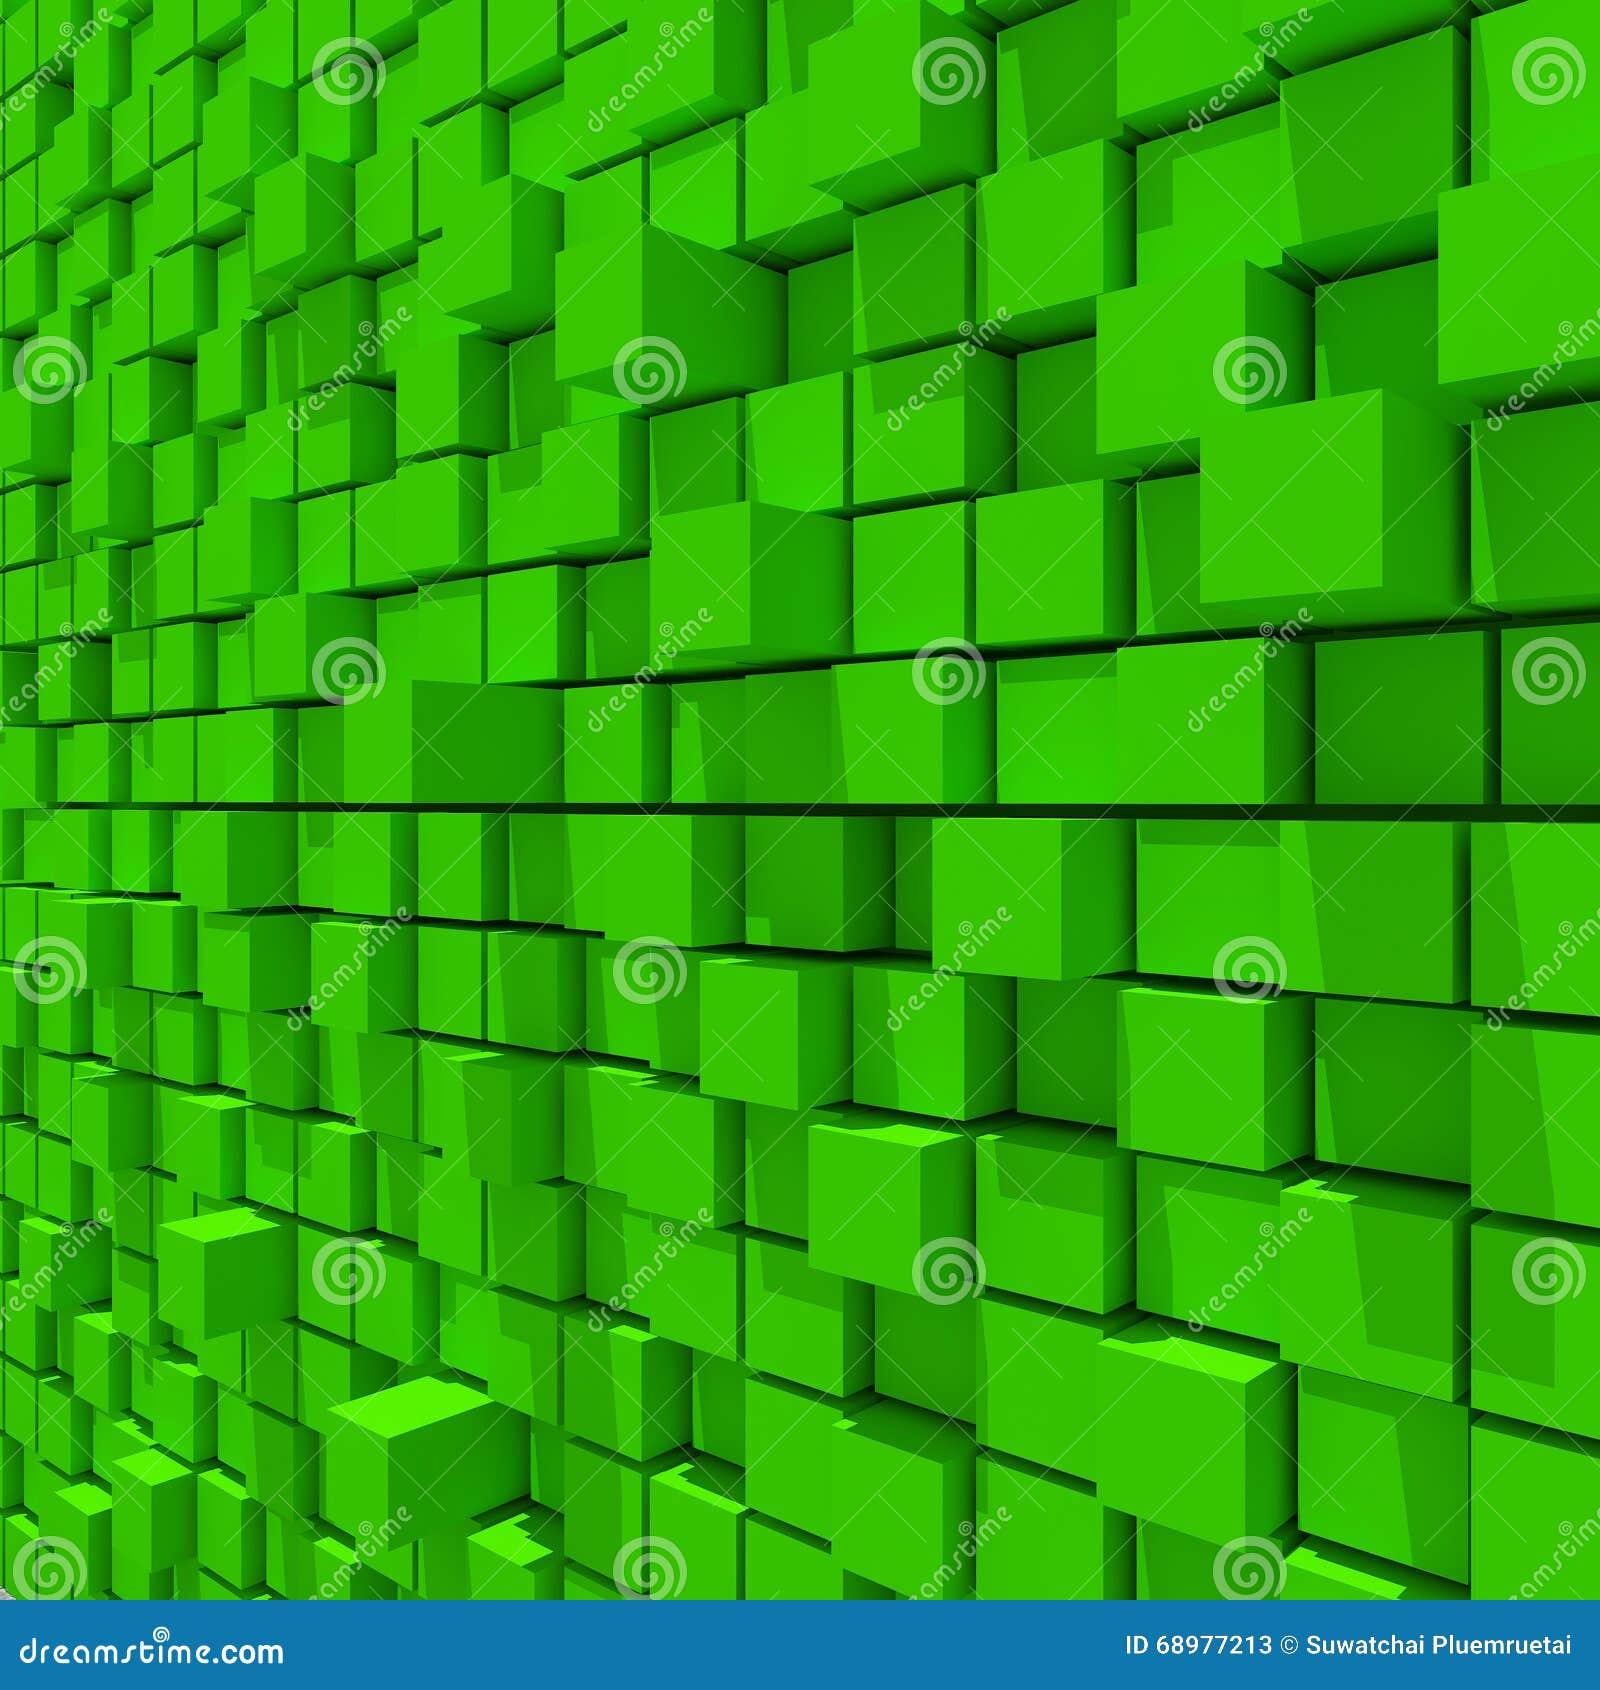 Representación 3d del fondo llano al azar cúbico verde